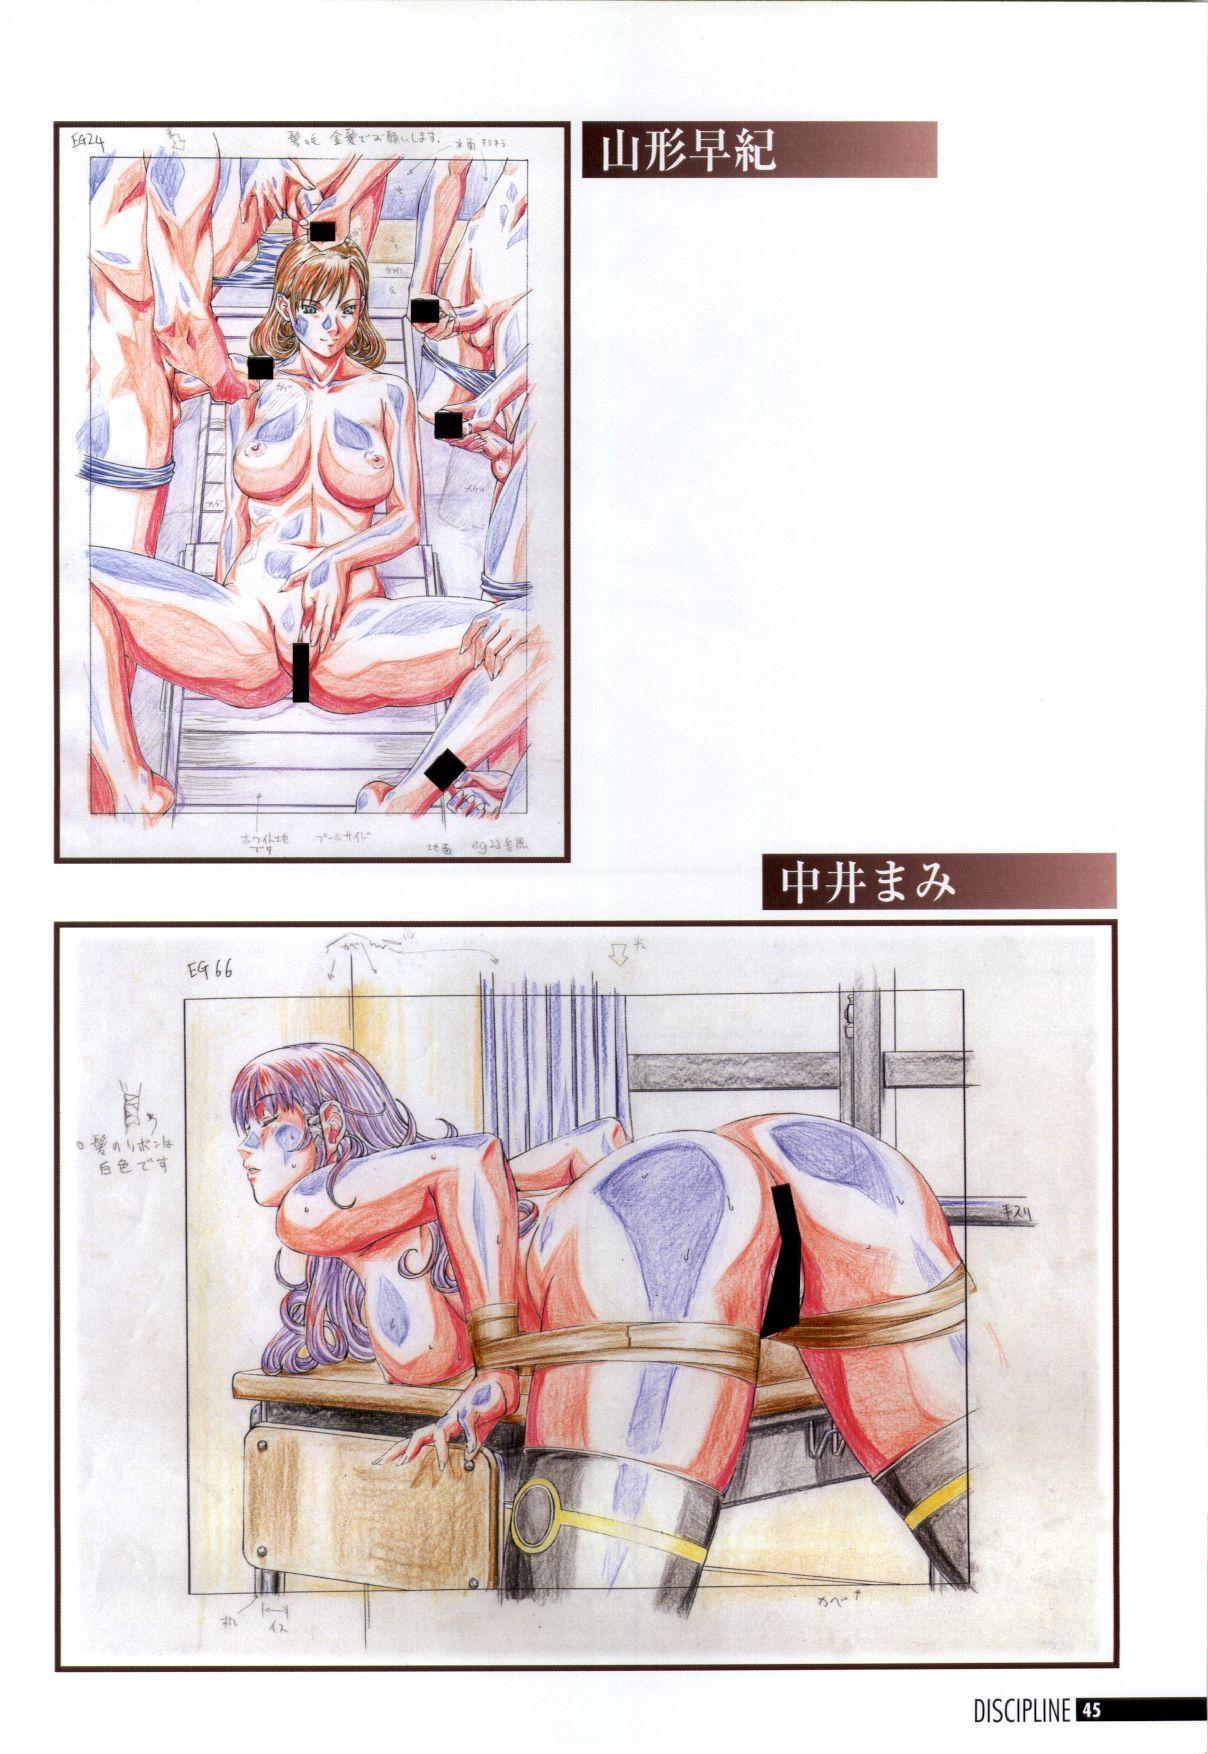 Discipline Artbook 45